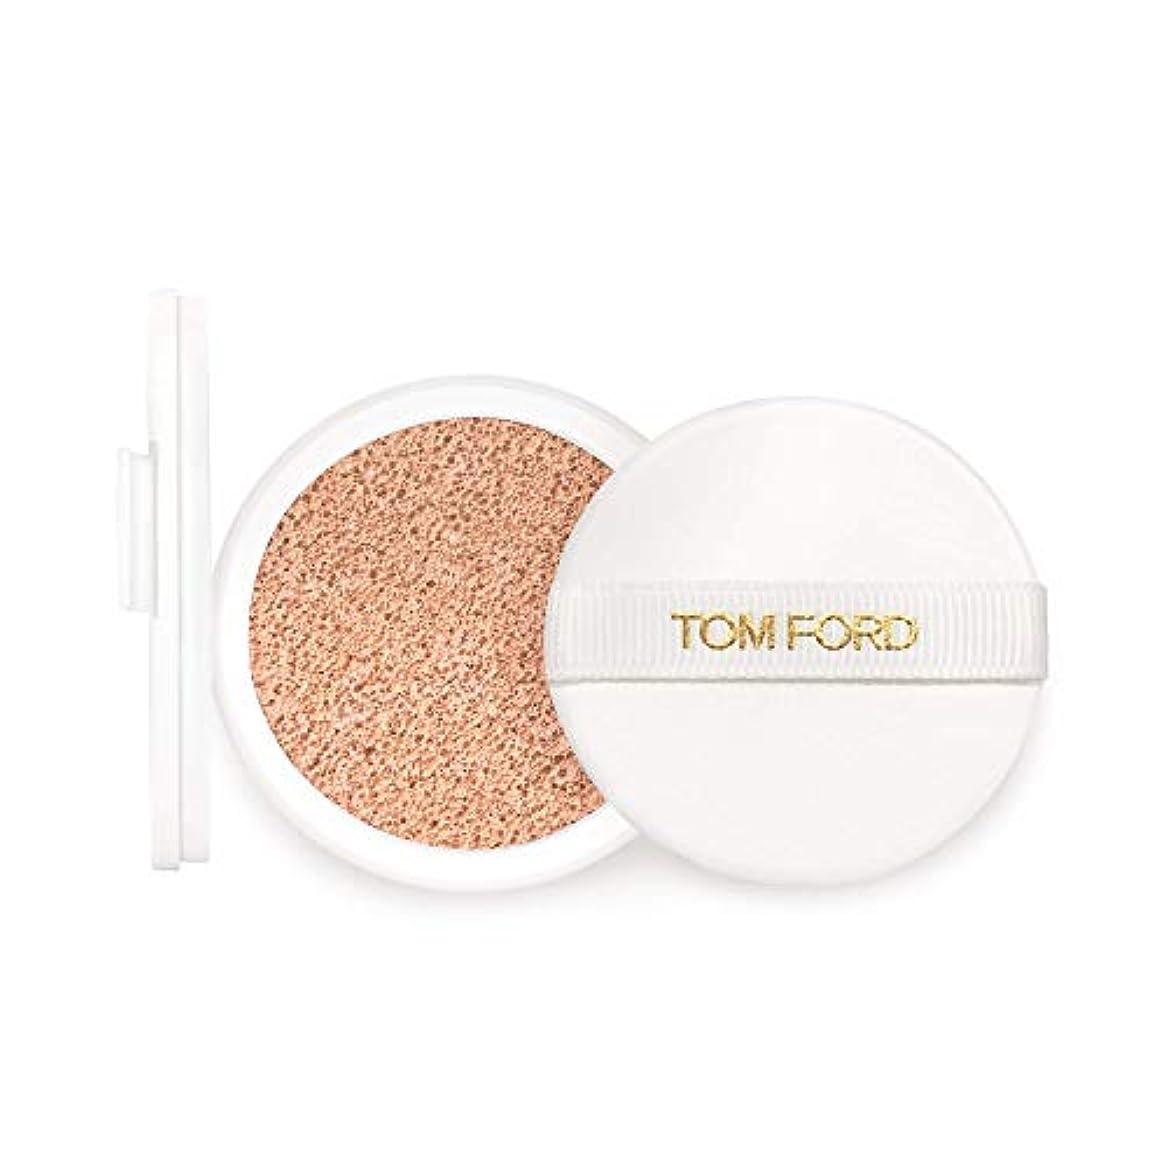 ぼんやりしたリングレット中央値トム フォード Soleil Glow Tone Up Hydrating Cushion Compact Foundation SPF40 - # 0.5 Porcelain 12g/0.42oz並行輸入品